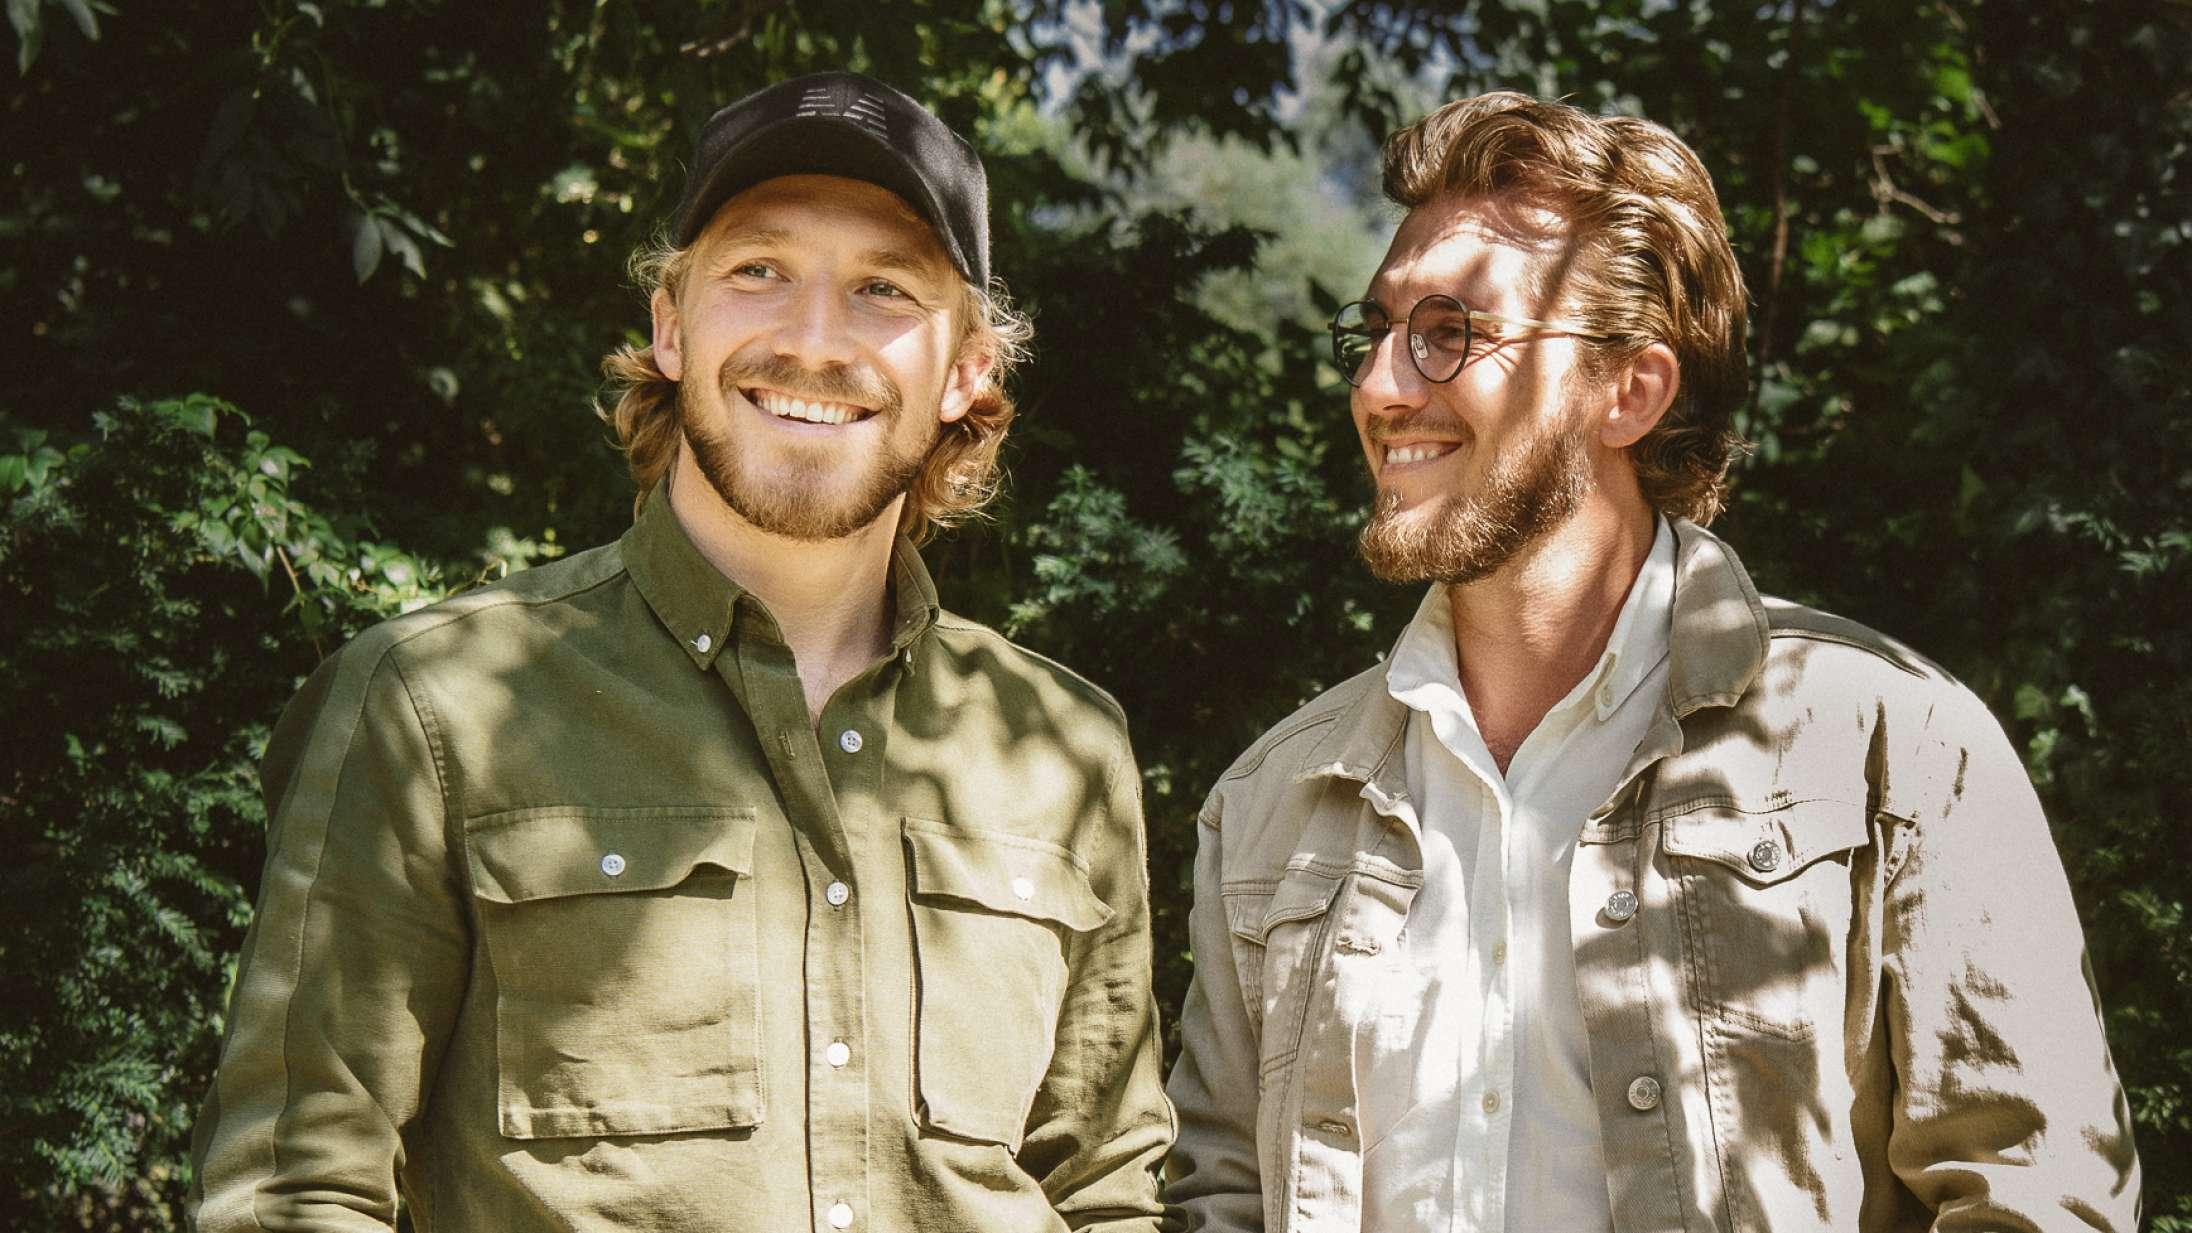 Brødrene Andreas og Sebastian Jessen spiller brødre i TV 2-serien 'Alfa': »Det er ret specielt«